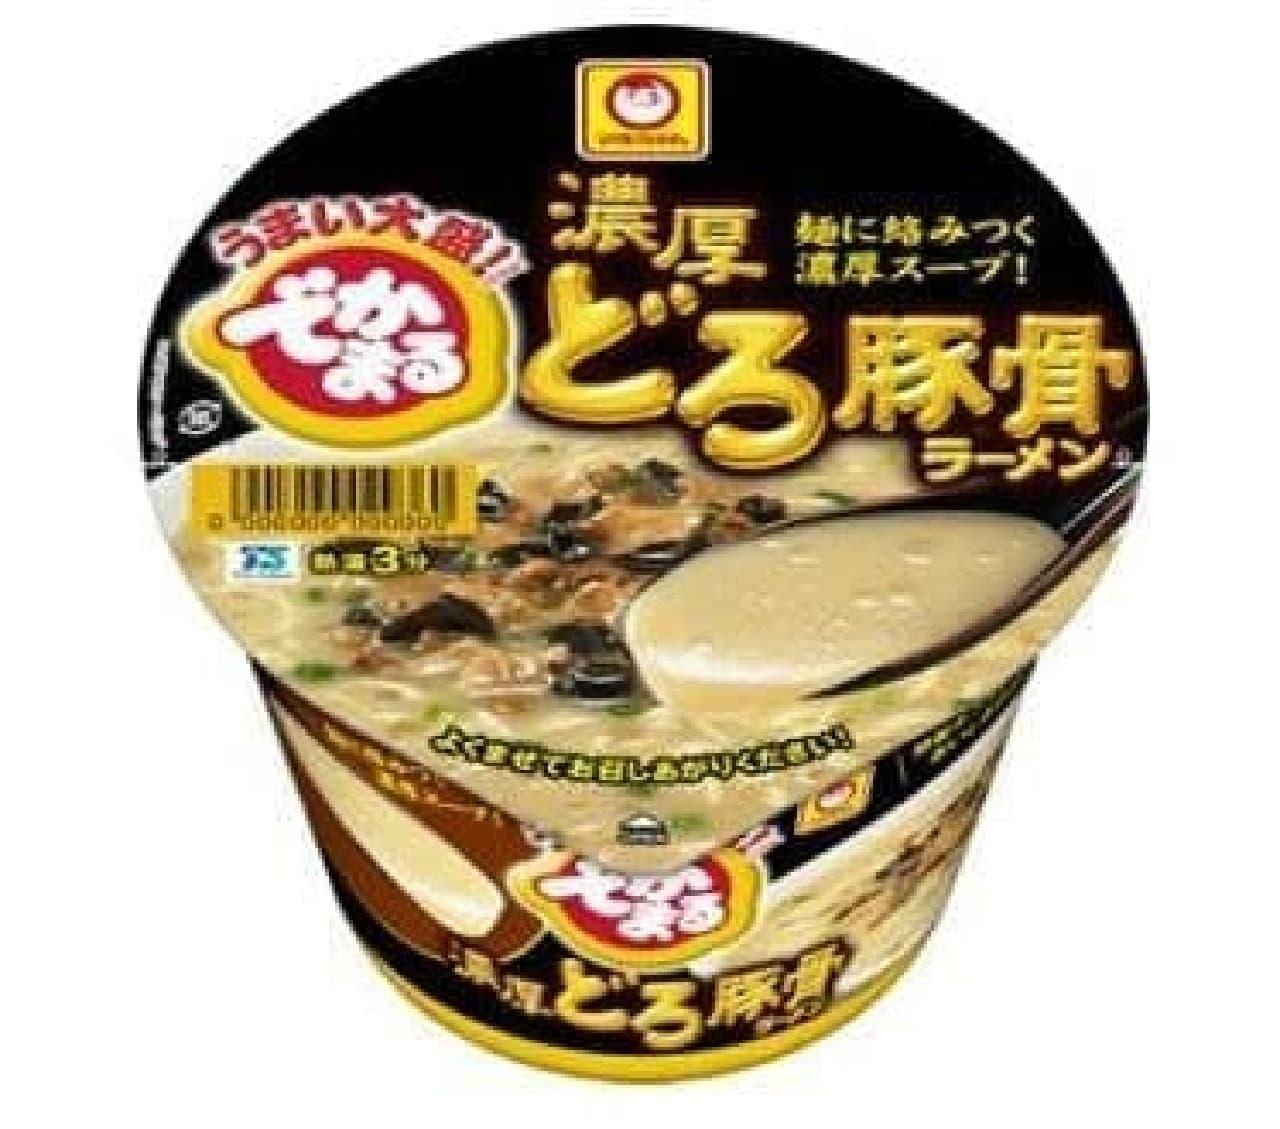 """シリーズ史上最高に粘度が高い""""濃厚スープ""""に仕上げられた豚骨ラーメン"""